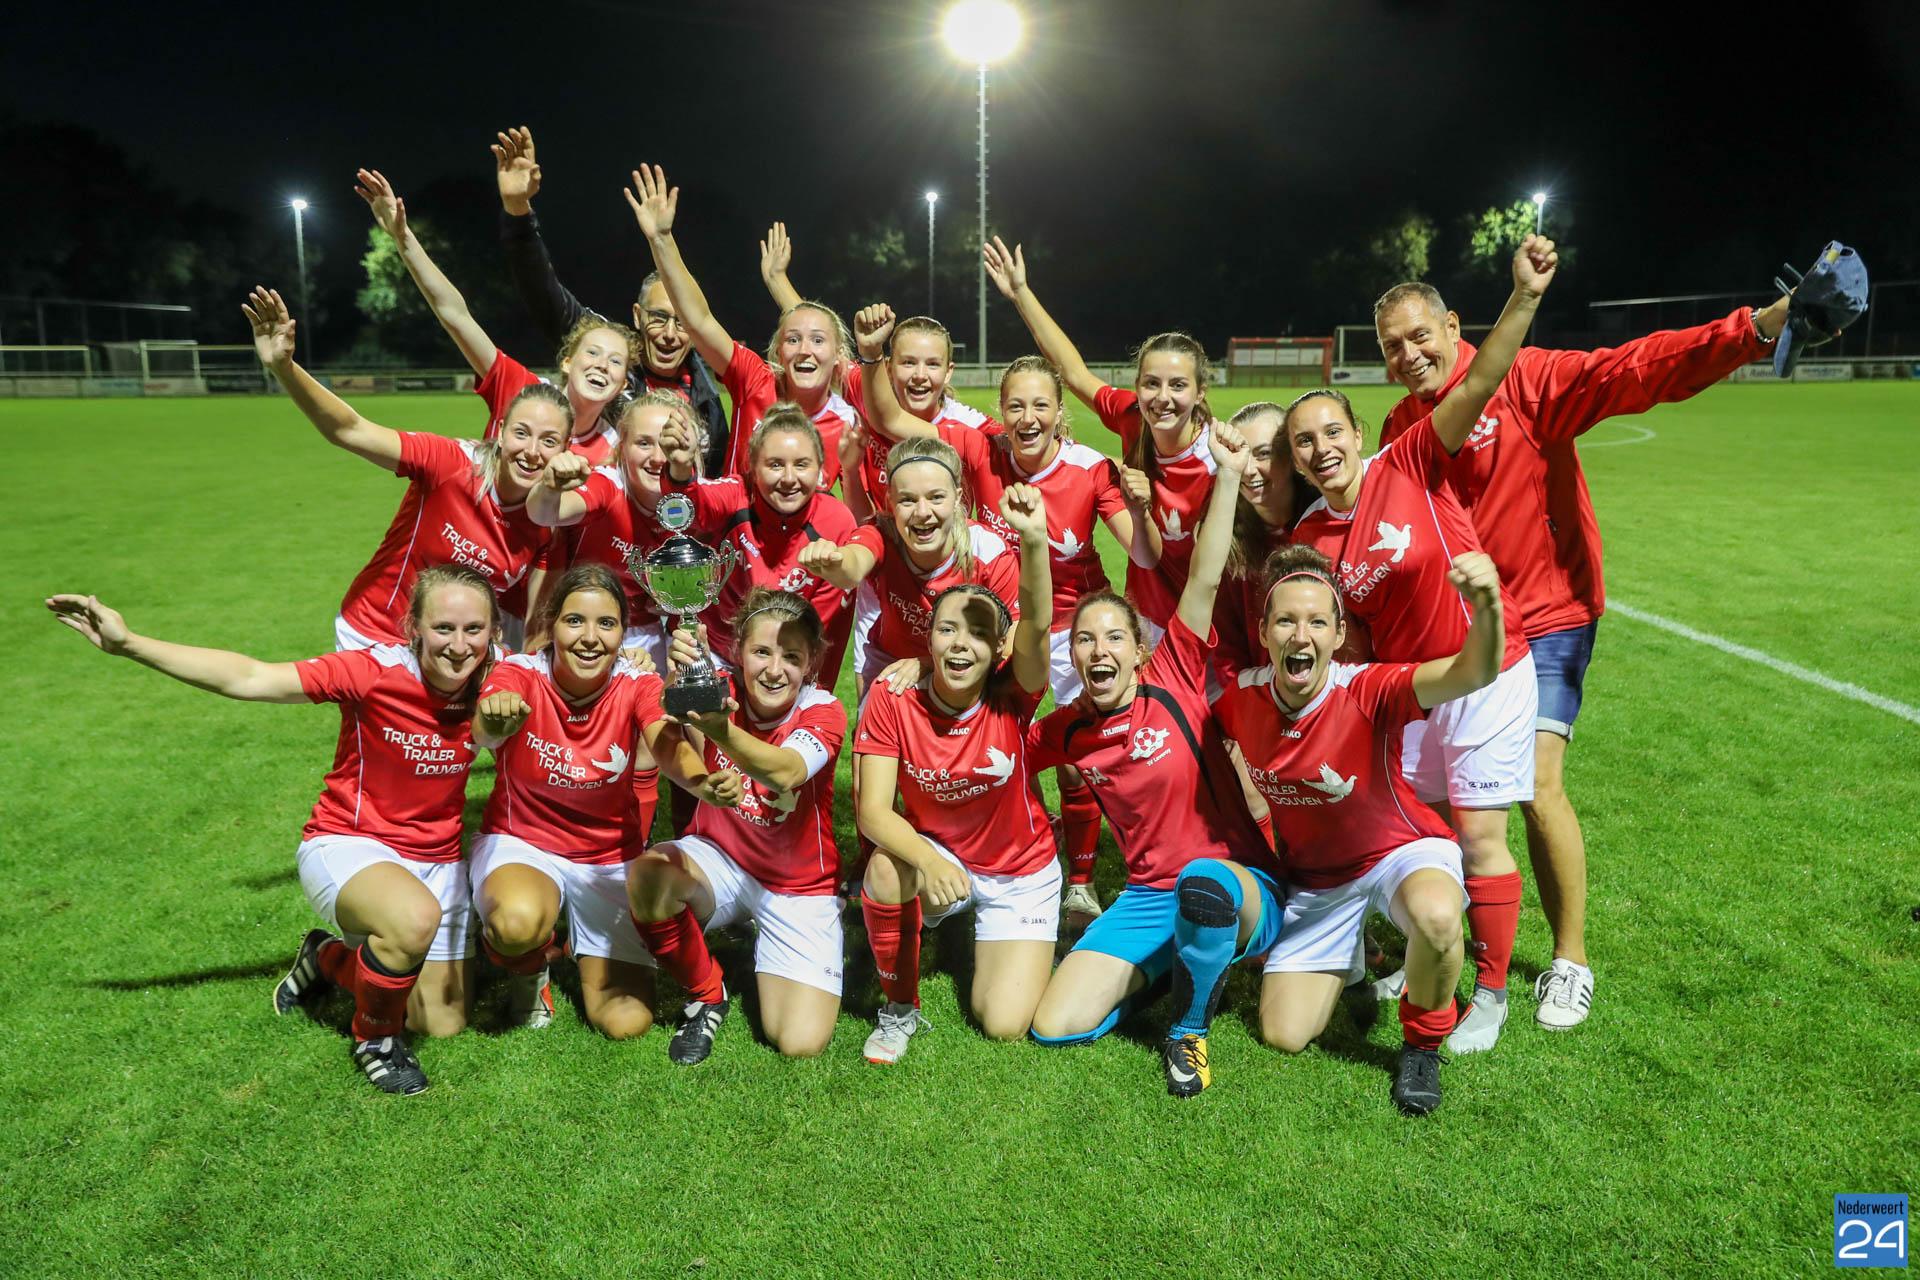 Dames uit Leveroy winnen allereerste 'Gemeentebeker Dames Toernooi' (Foto's) - Nederweert24 - Nederweert24